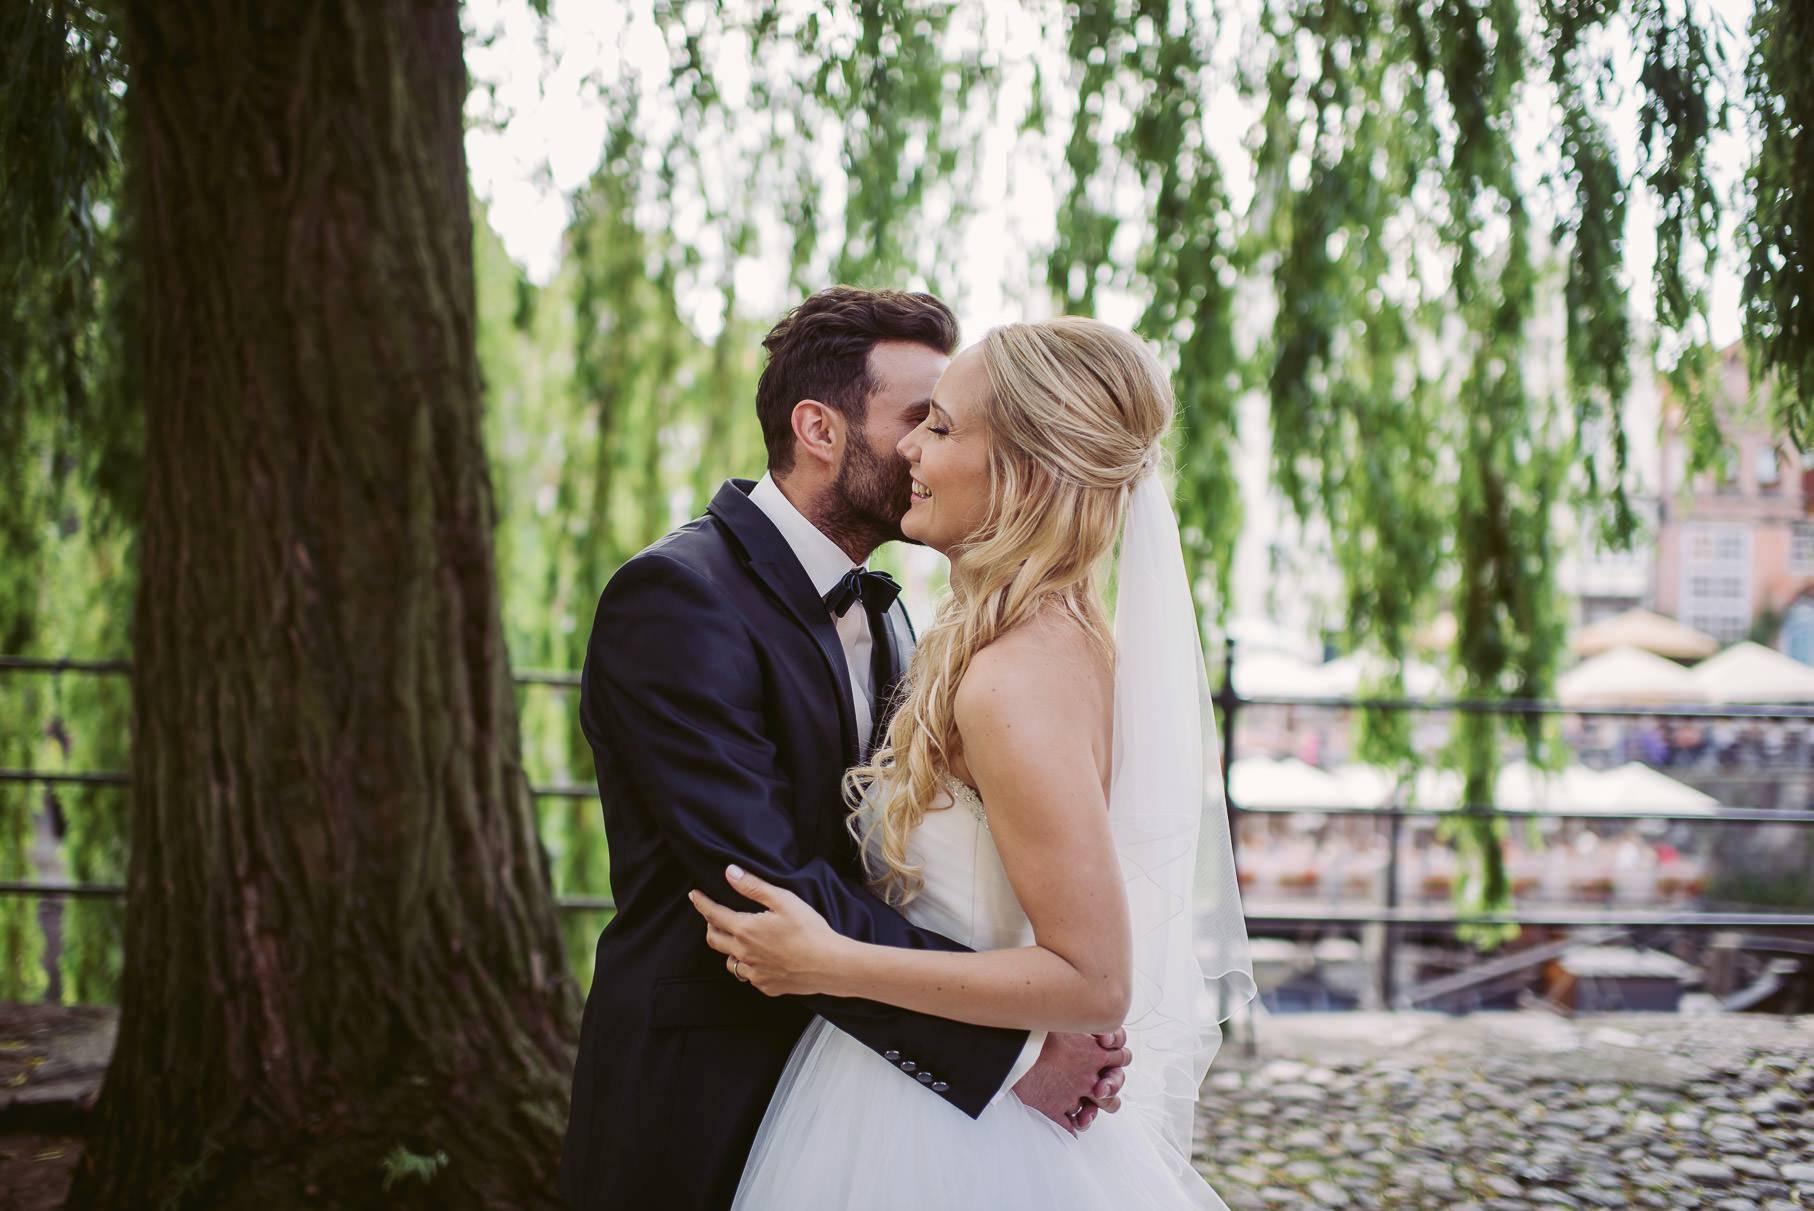 0051 jus 812 9490 - Hochzeit im Wasserturm Lüneburg - Jenny & Sascha